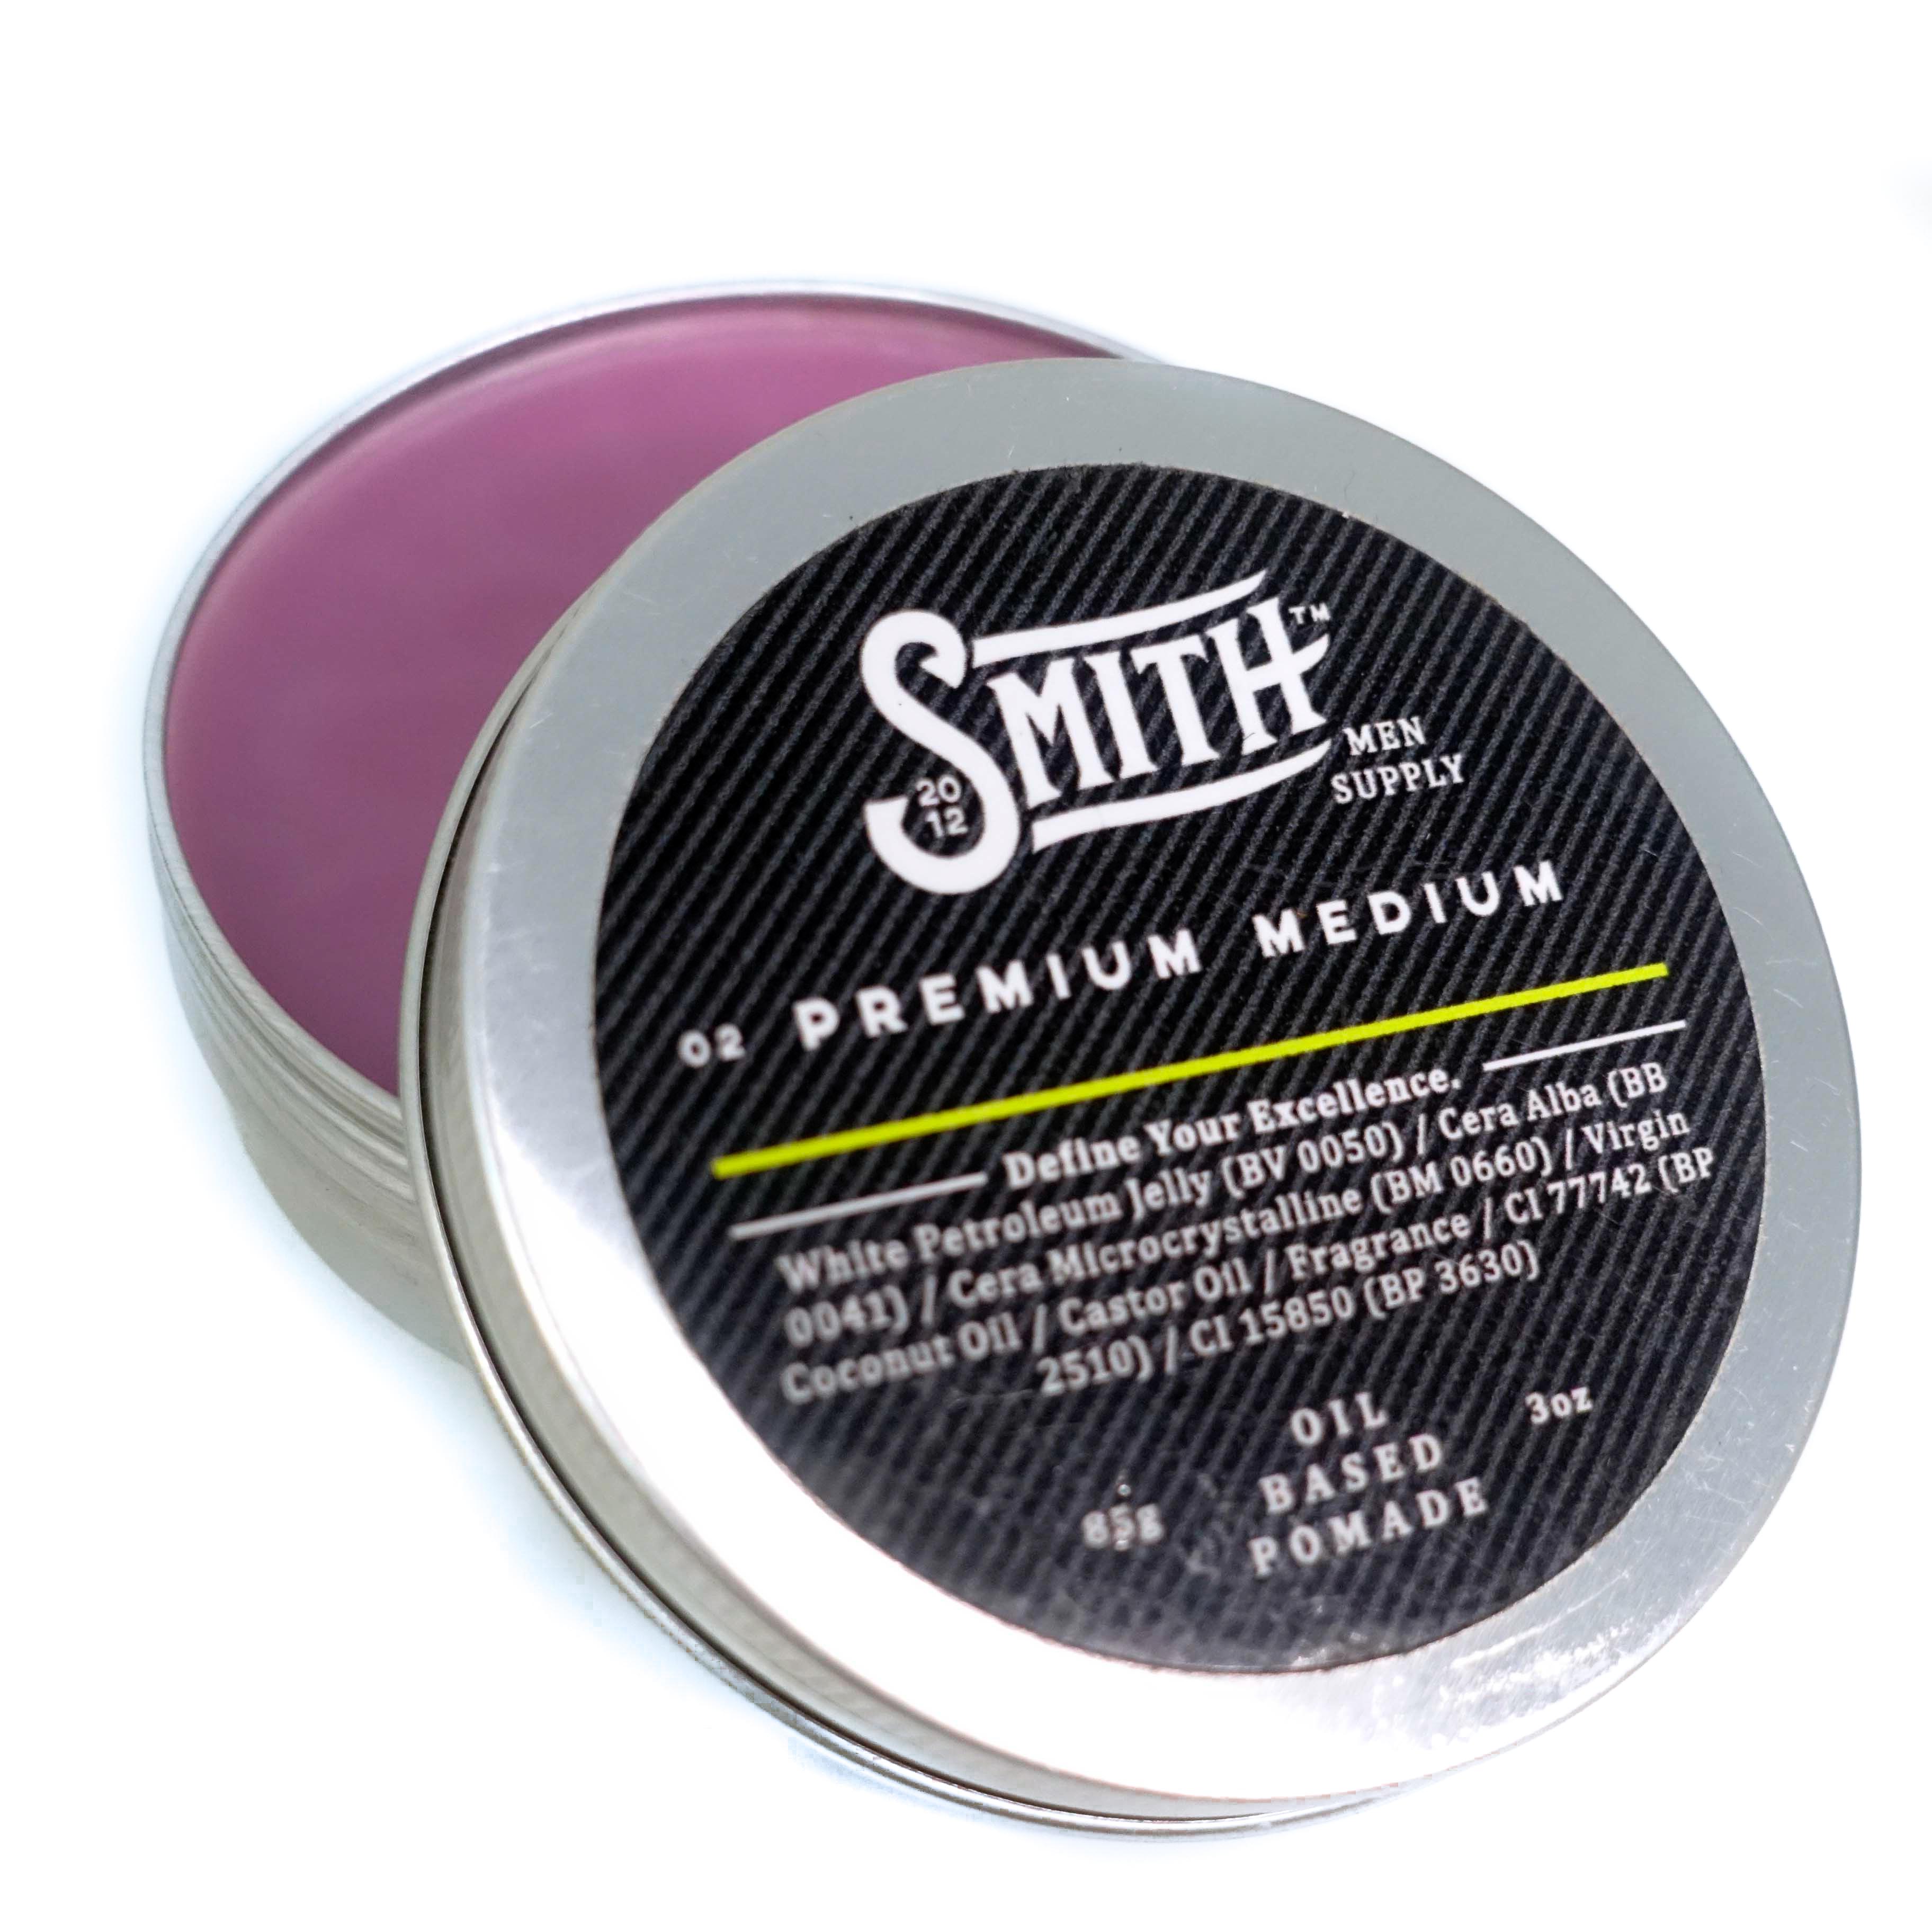 Smith Premium Medium